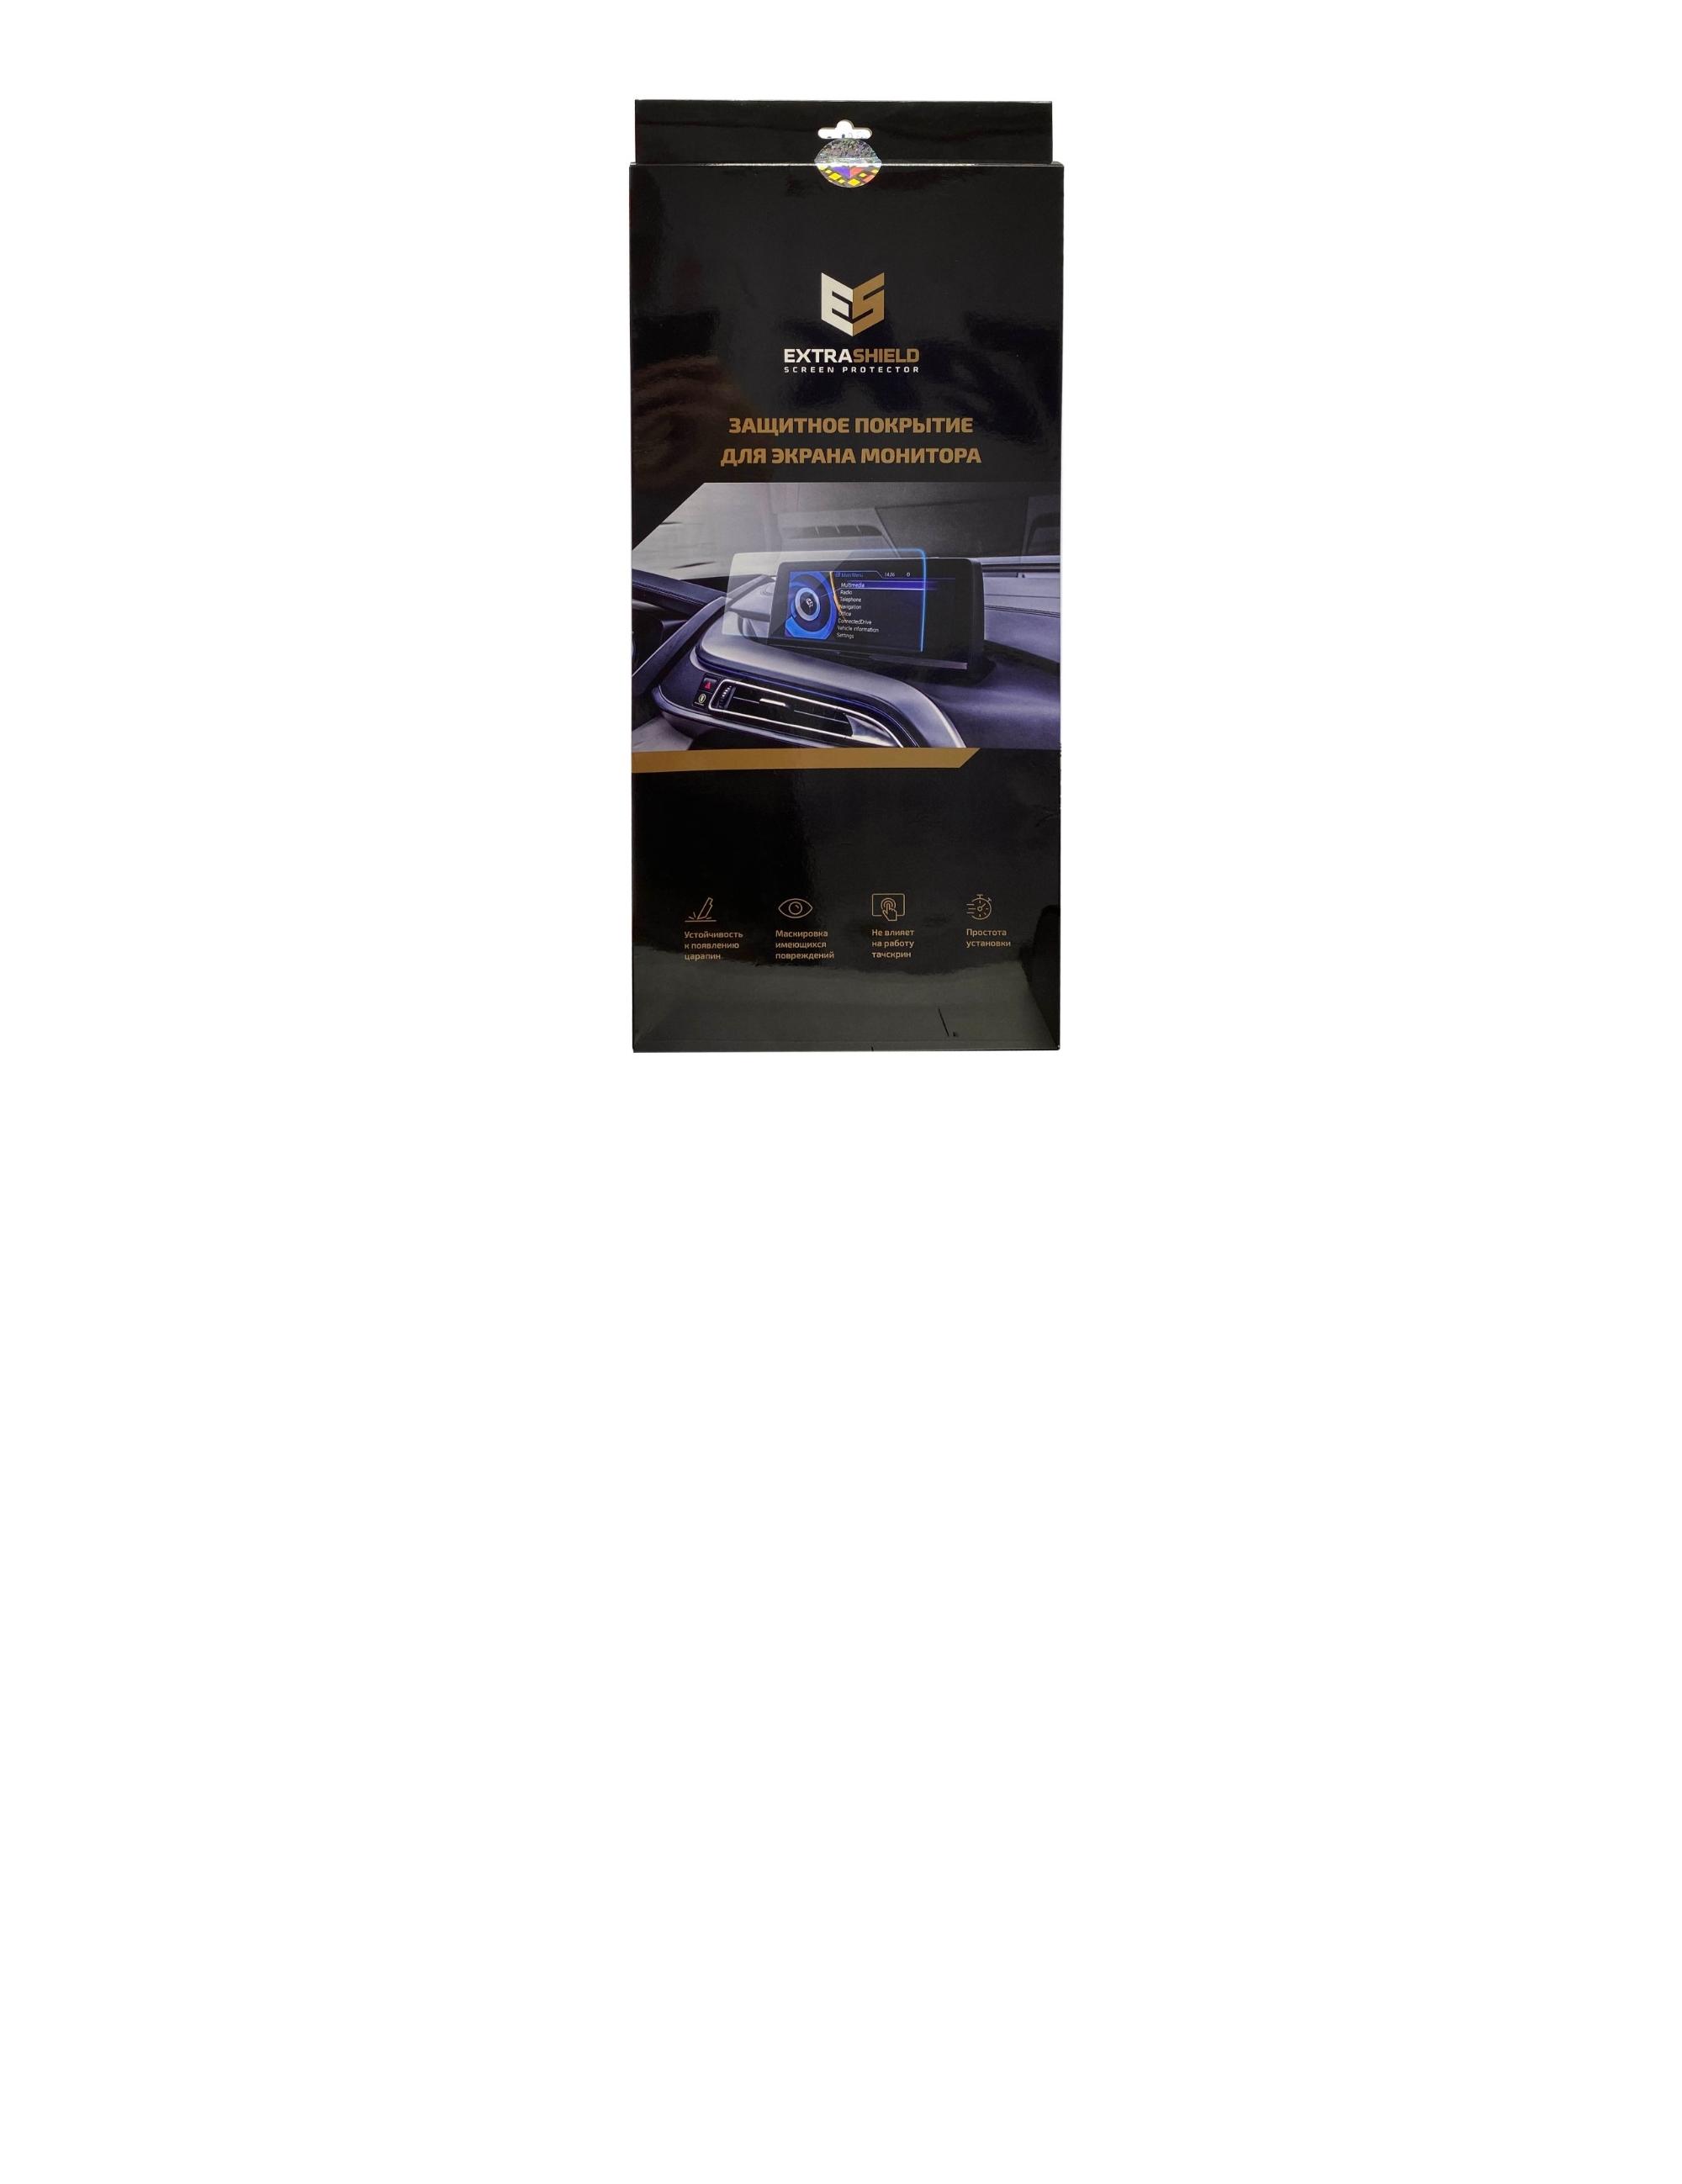 BMW X5 (G05) 2018 - н.в. приборная панель (без датчика) 12.3 Защитное стекло Матовая